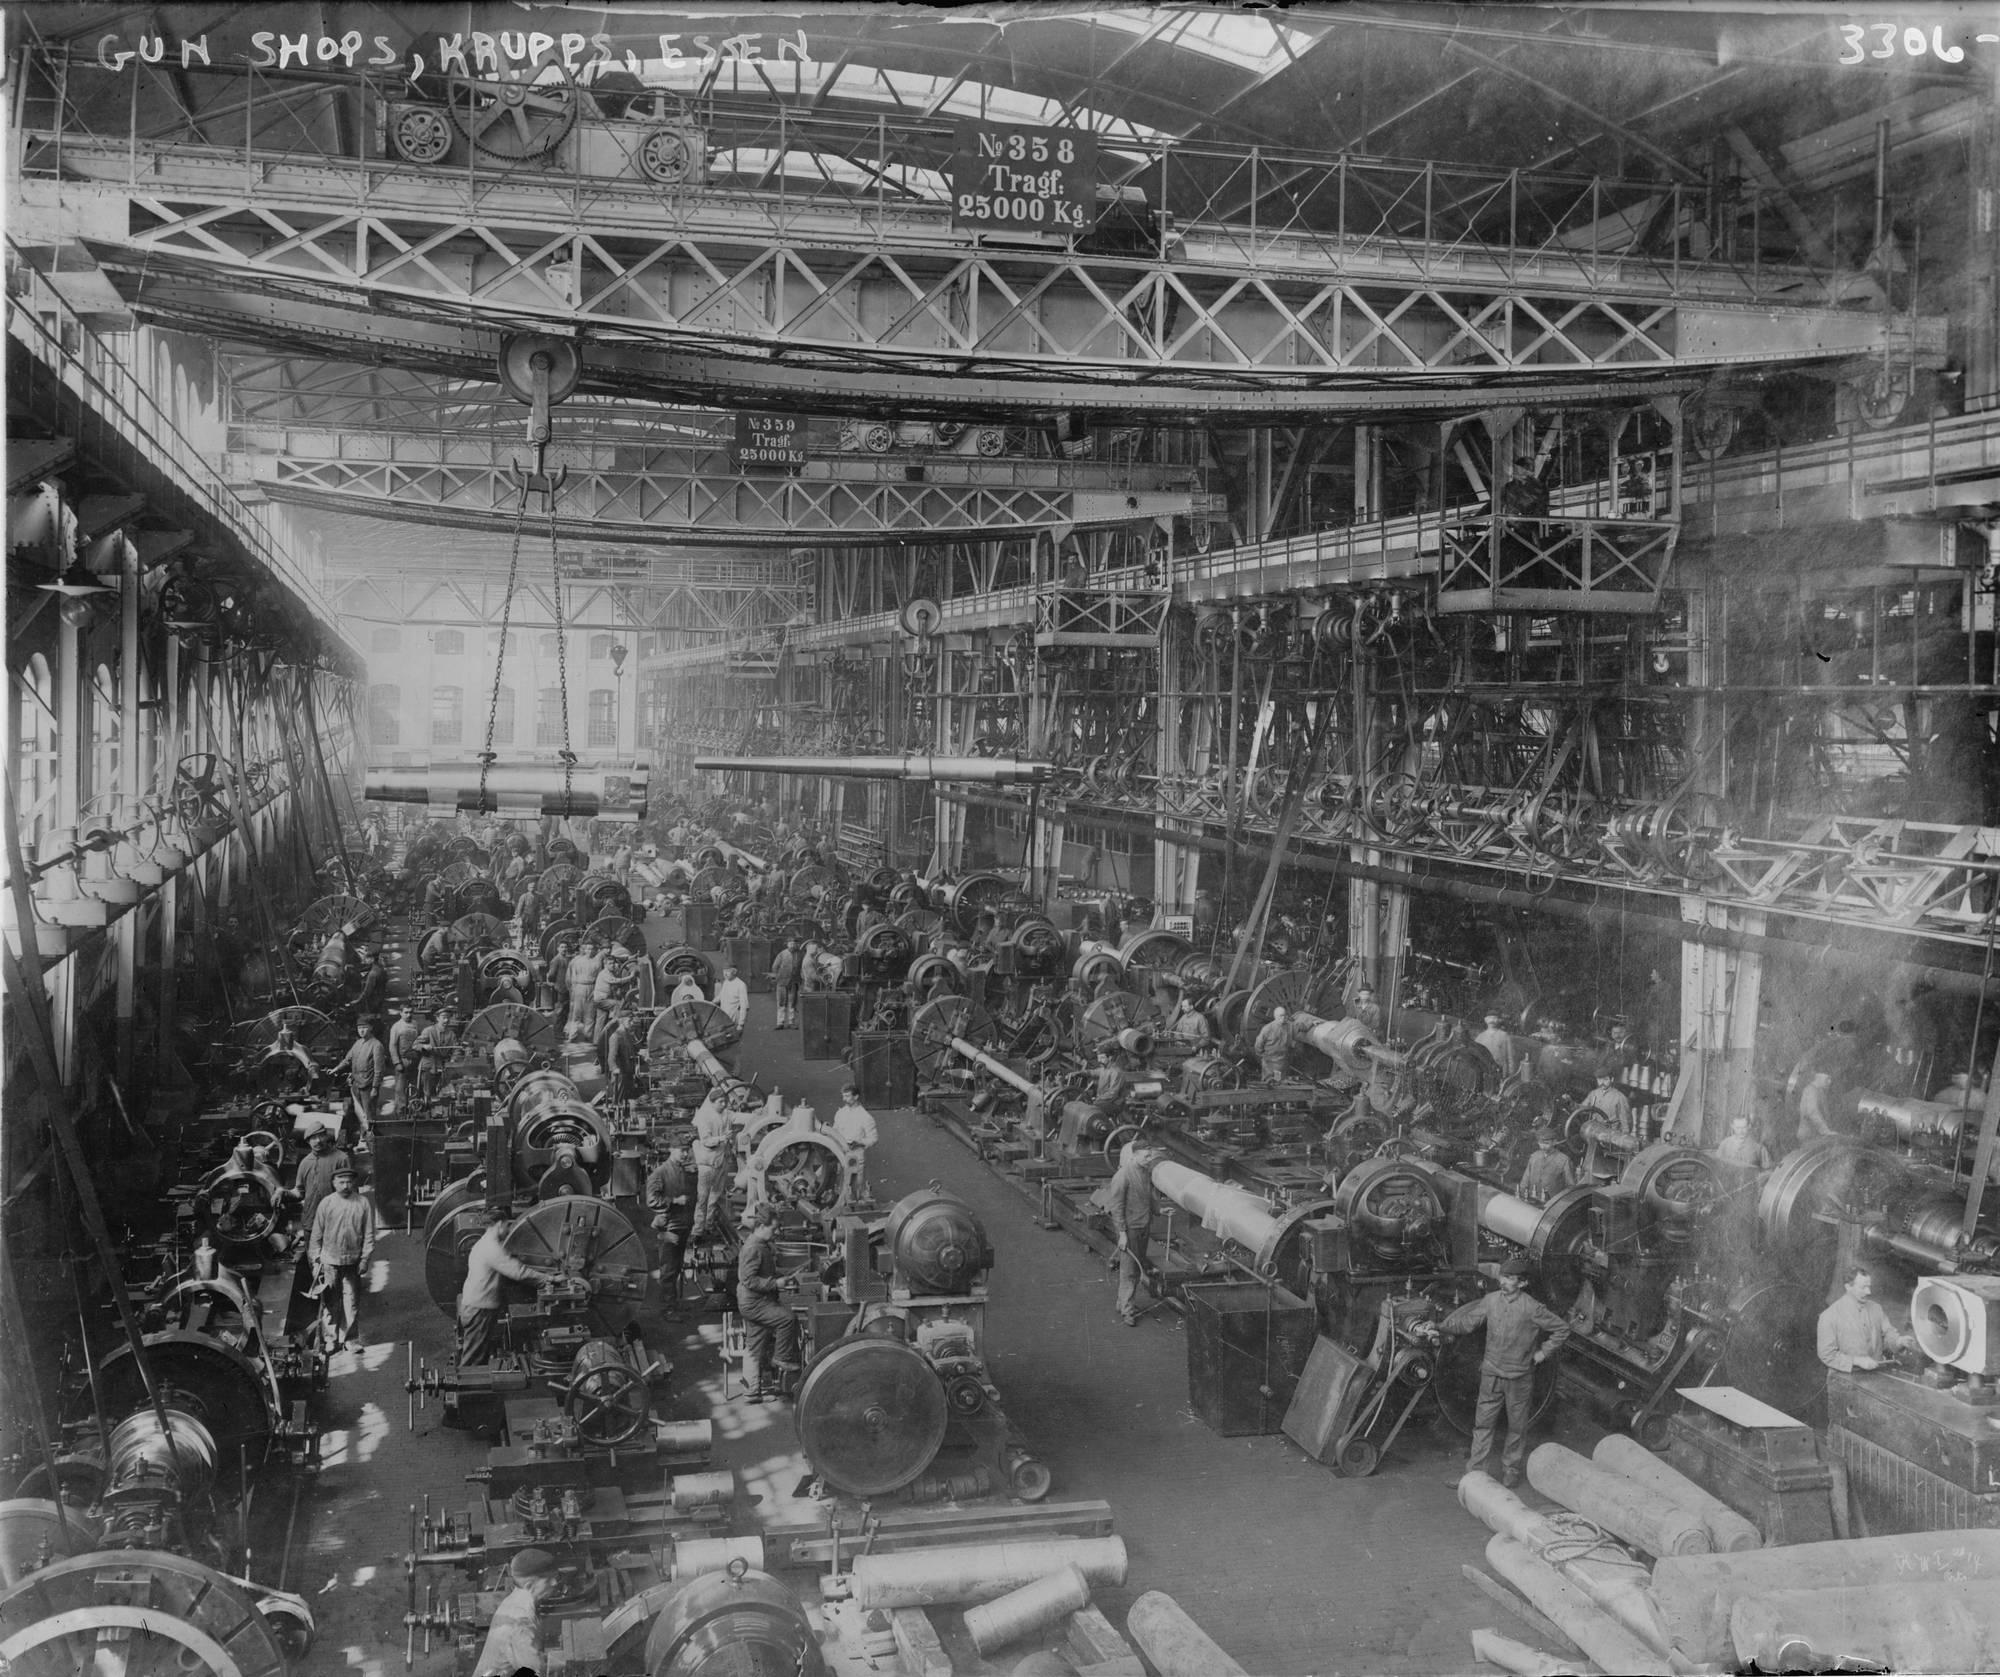 1917. Ágyúalkatrészek gyártása a Krupp Művekben, Essen Németország..jpg